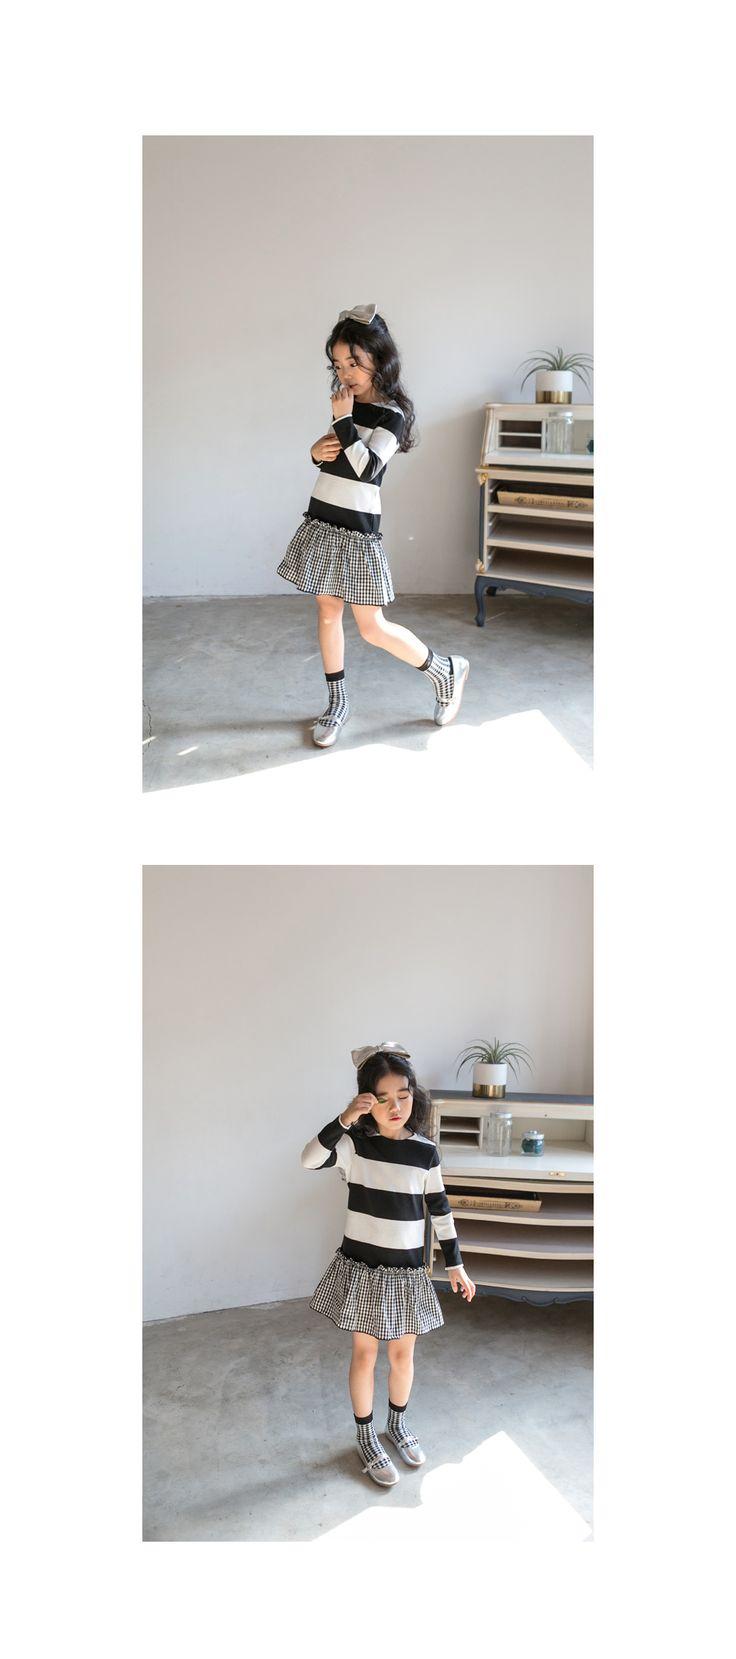 子供服「I LOVE J」の人気商品「バニーミックスデザインワンピース・JPSOP20」の紹介・購入ページ 。子供 ワンピースならILOVEJ!おしゃれなデザインとリーズナブルな価格で、大人気の韓国 子供服専門店が最新韓国子供服をご紹介!バニーミックスデザインワンピース・JPSOP20女の子のおすすめトレーナー,ブラウス,シャツ,パーカー。韓国子供服のワンピースを買ったママのクチコミも必見です!アイラブジェイは、セール,割引クーポンやタイムセールなどお得な情報満載です。